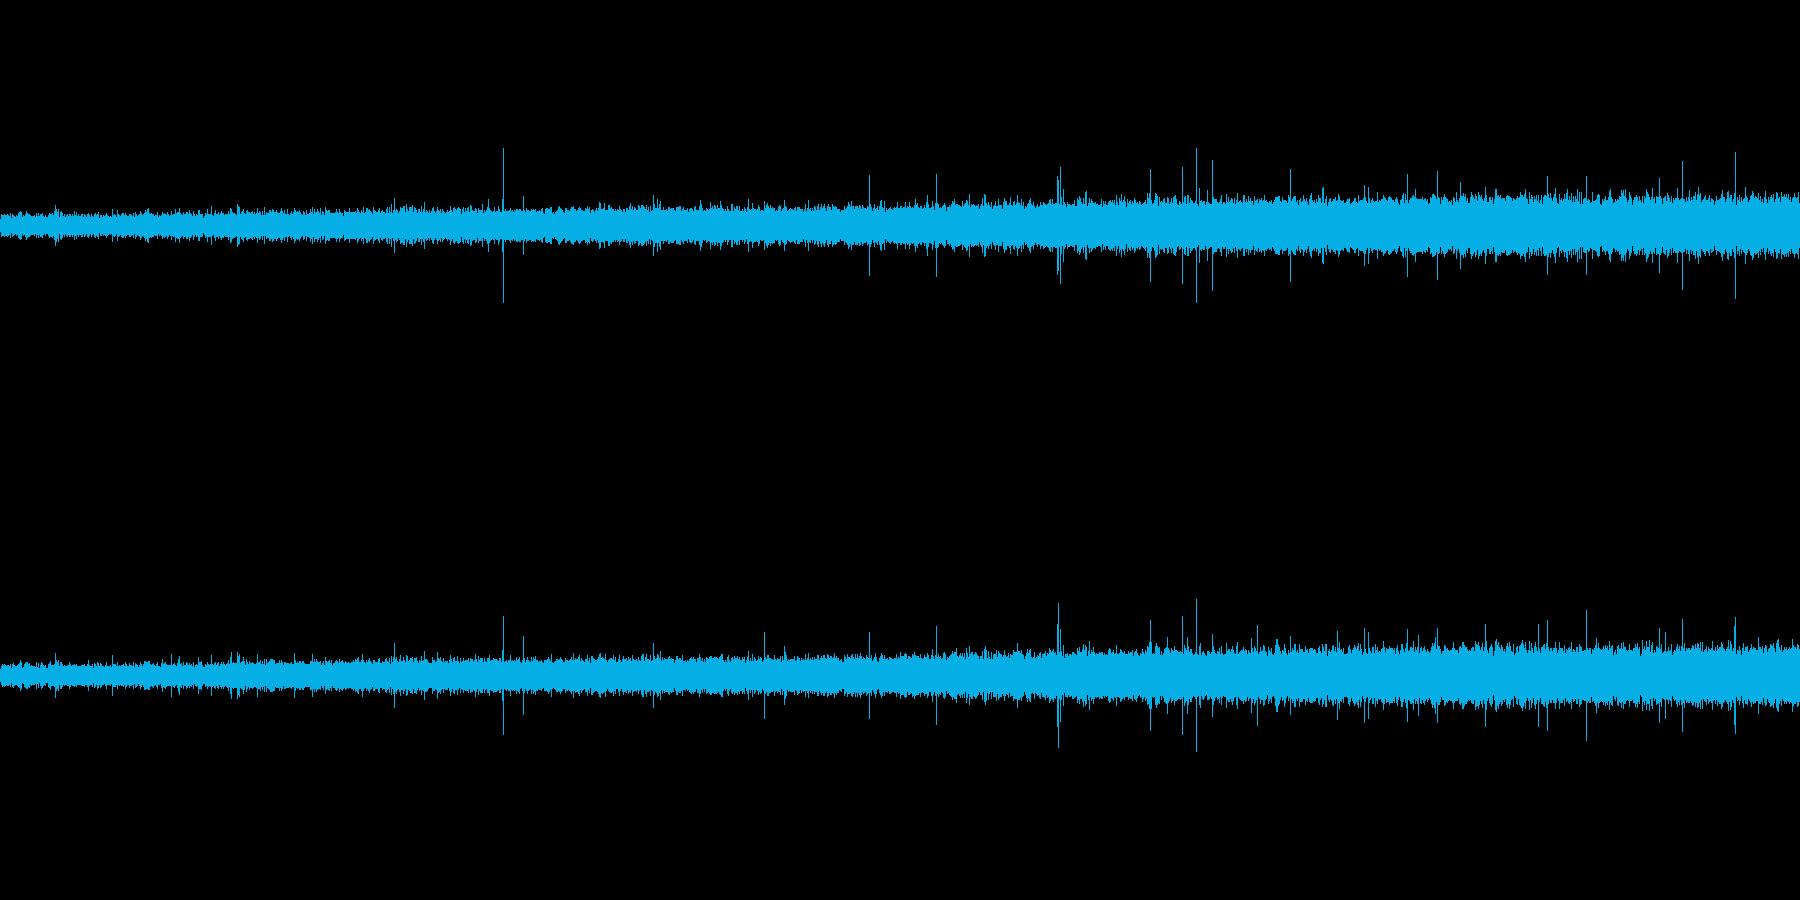 【生音】 梅雨 - 豪雨_16の再生済みの波形